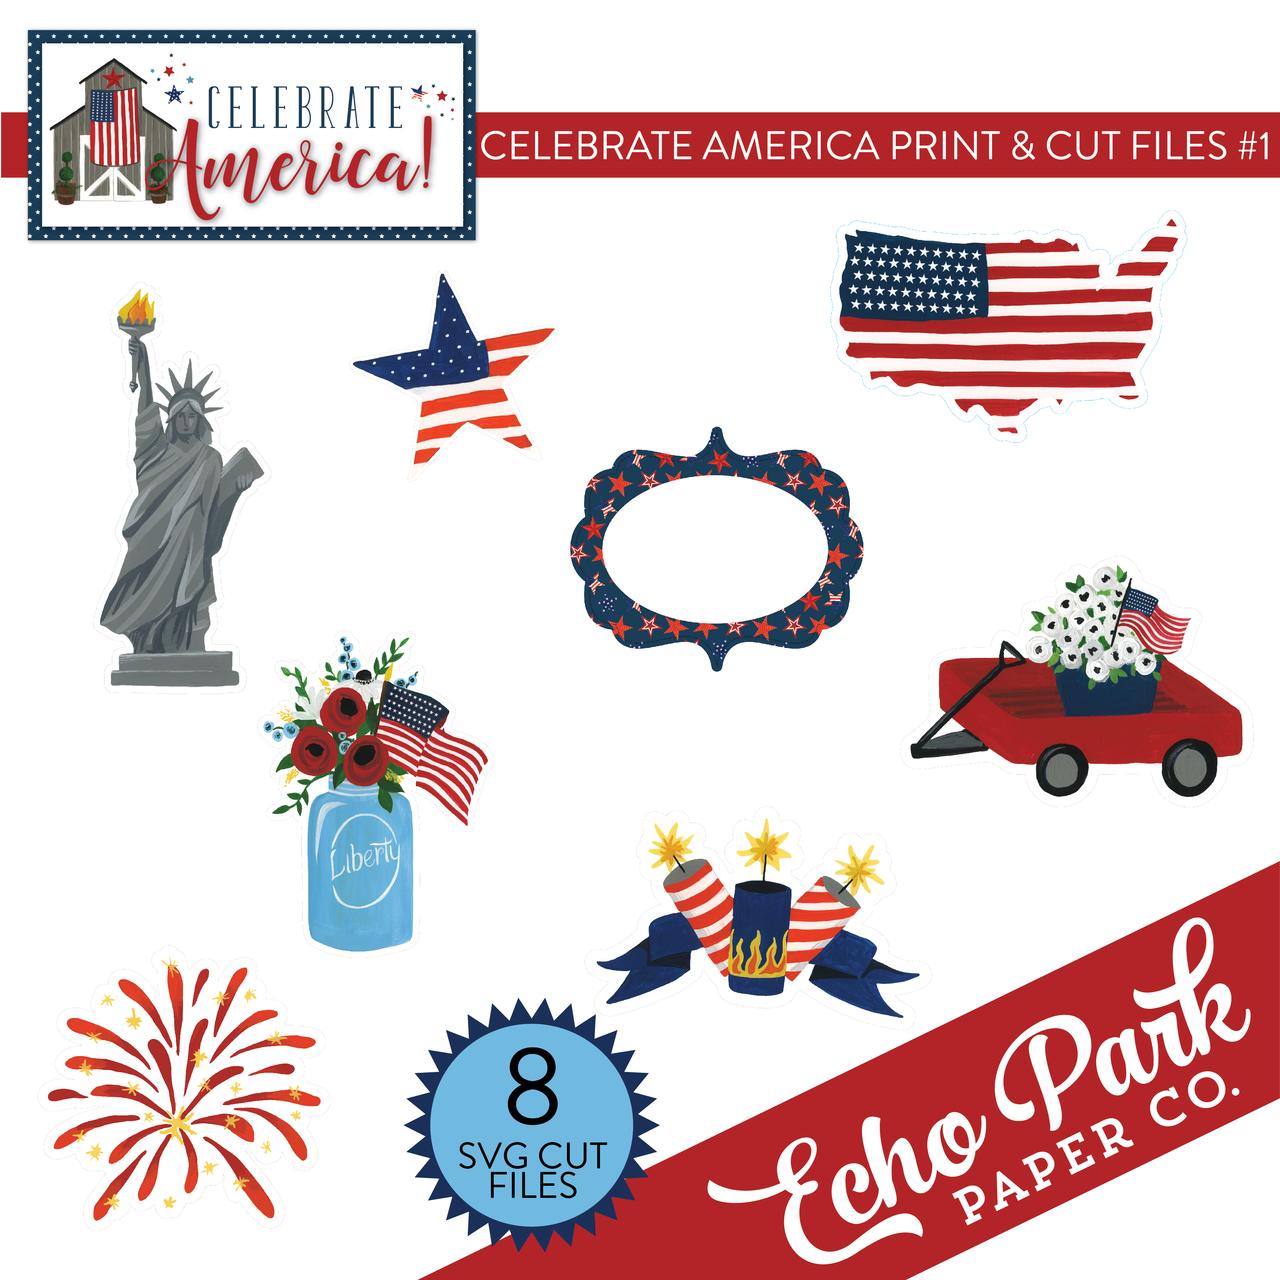 Celebrate America Print & Cut Files #1